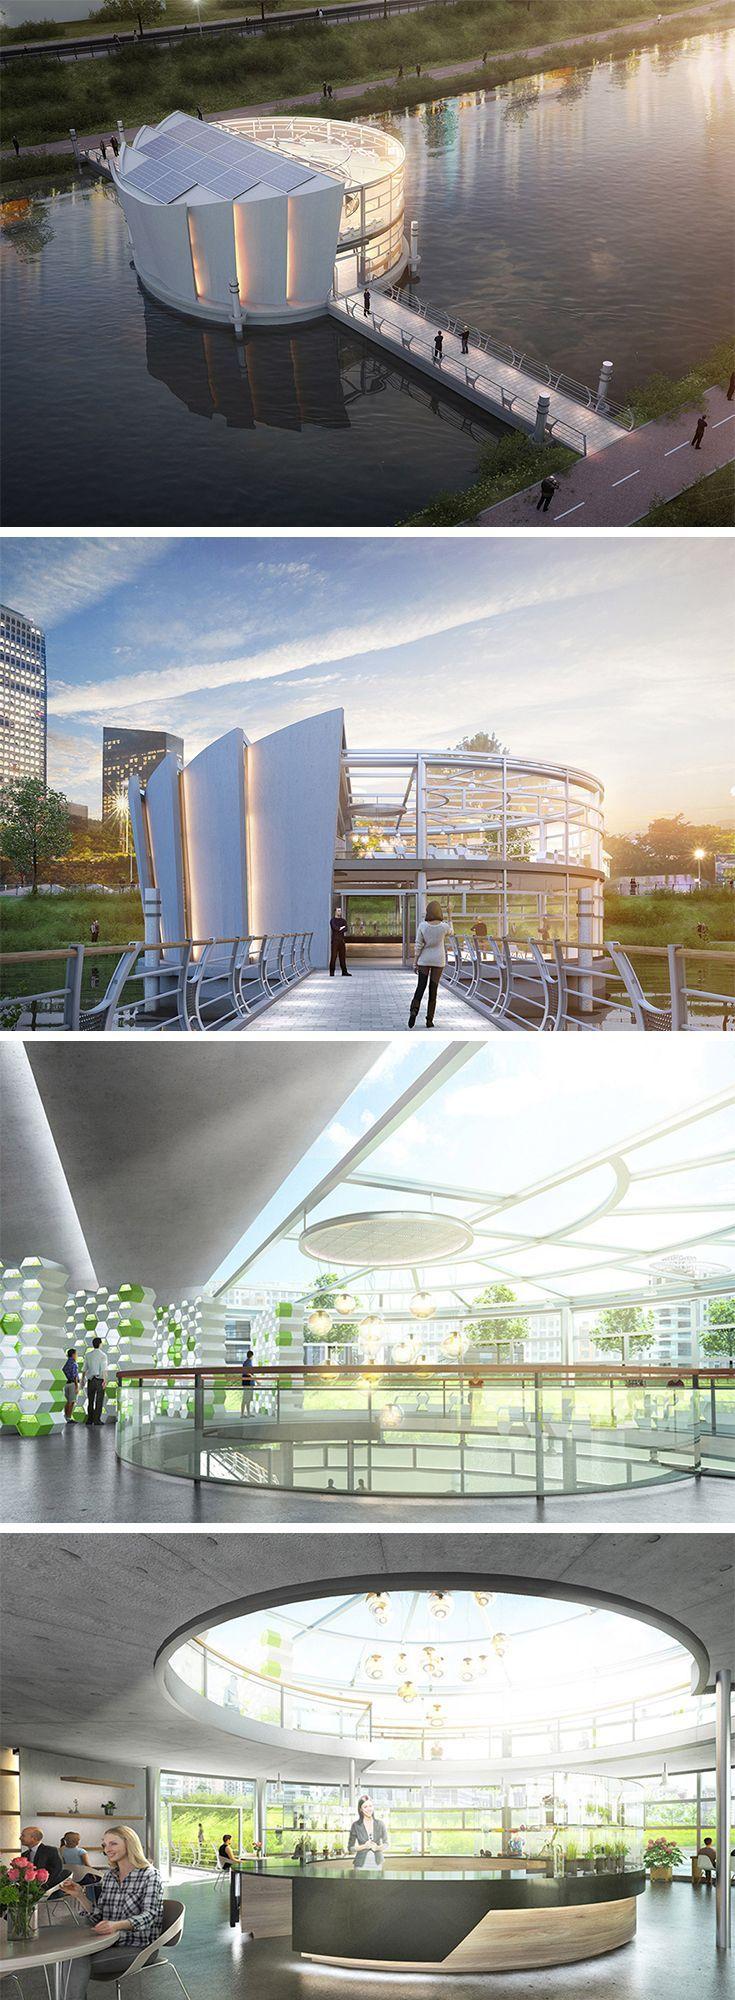 Diese schwebende Architektur heißt Lotus und ist gleichzeitig ein Ort für den Anbau von Gemüse #anbauvongemüse